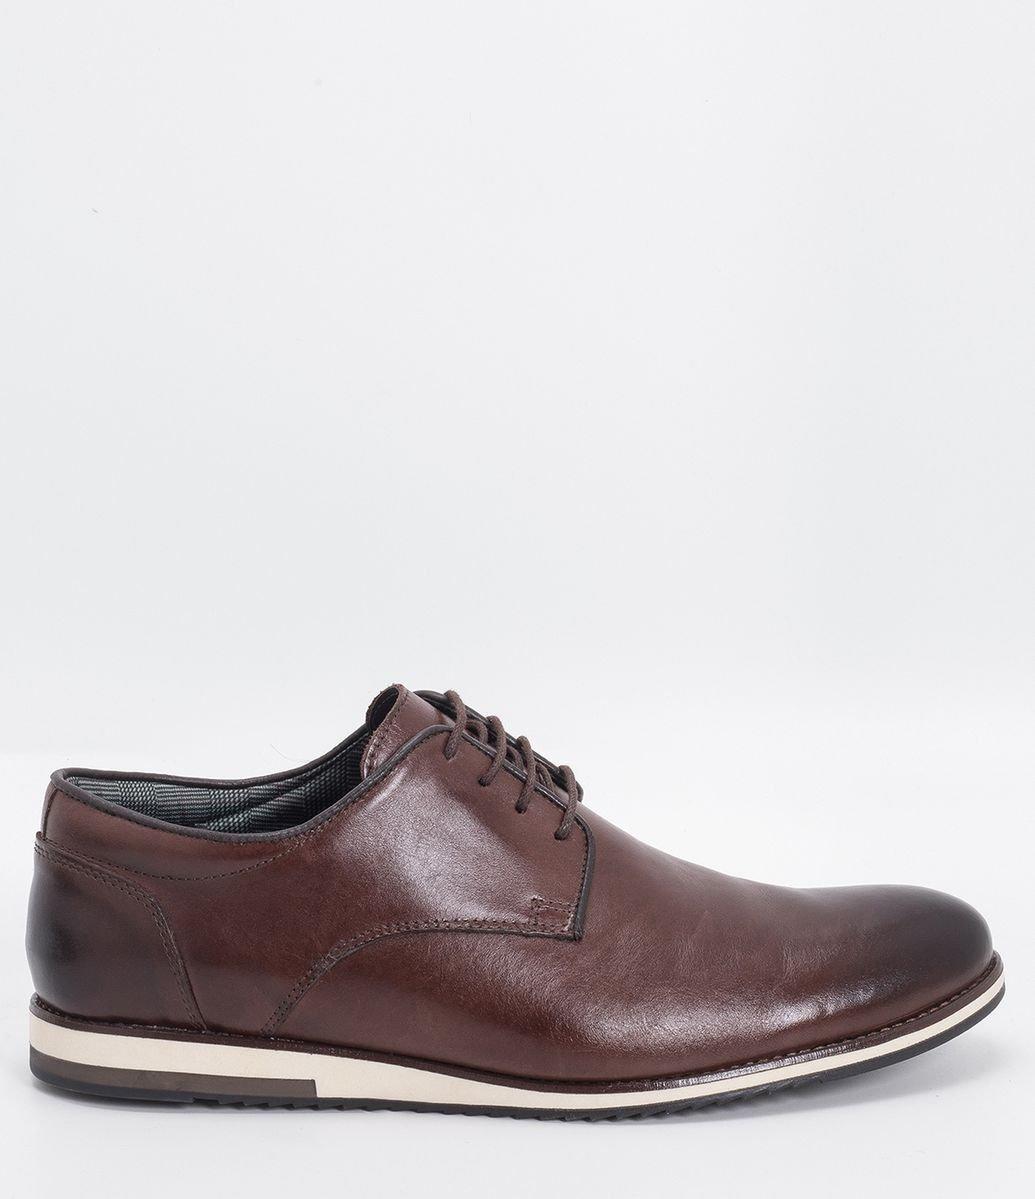 d315813ca Sapato Masculino Casual com Queima Solado Viko - Renner